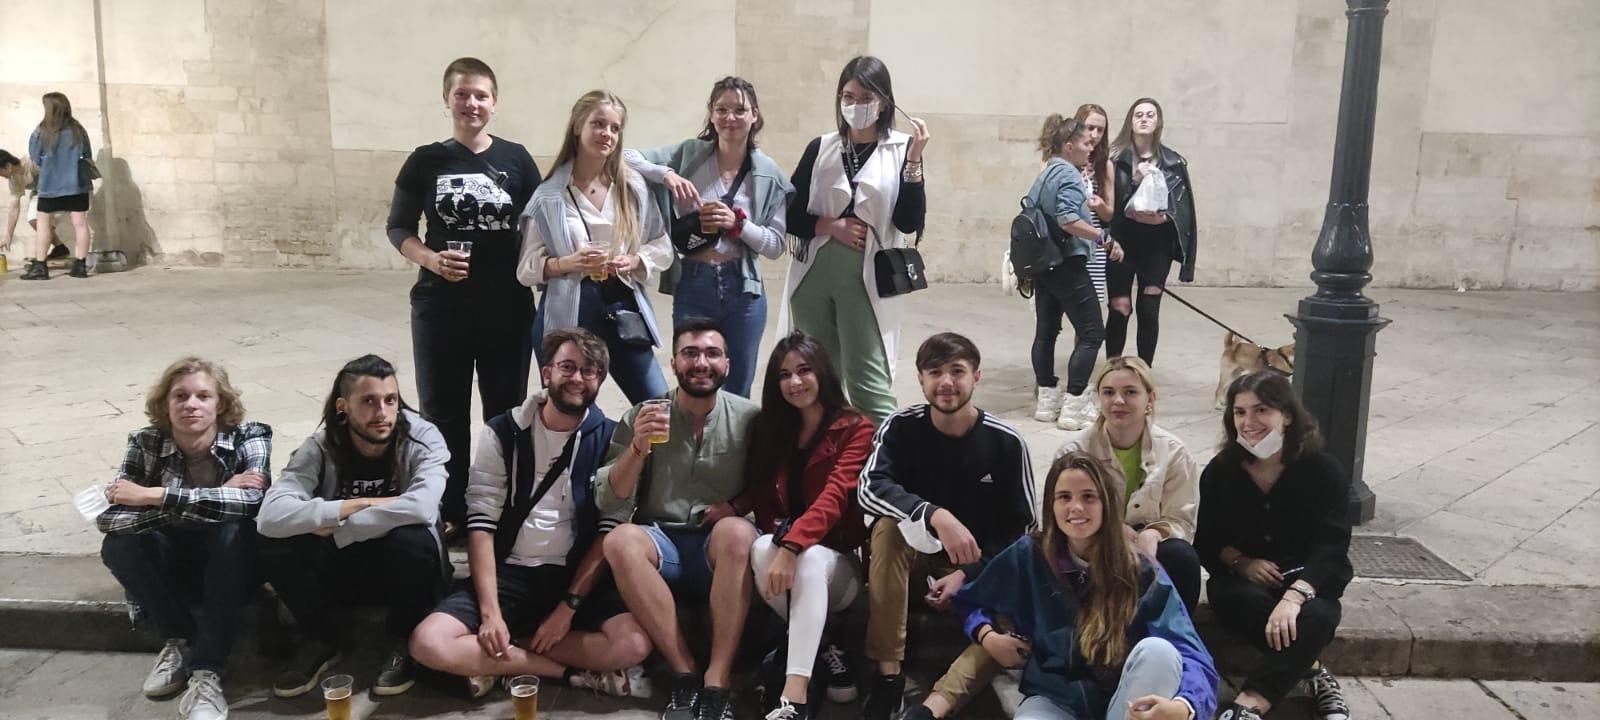 esc volunteer italy itaalia anna katariina vabatahtlik eesti hope